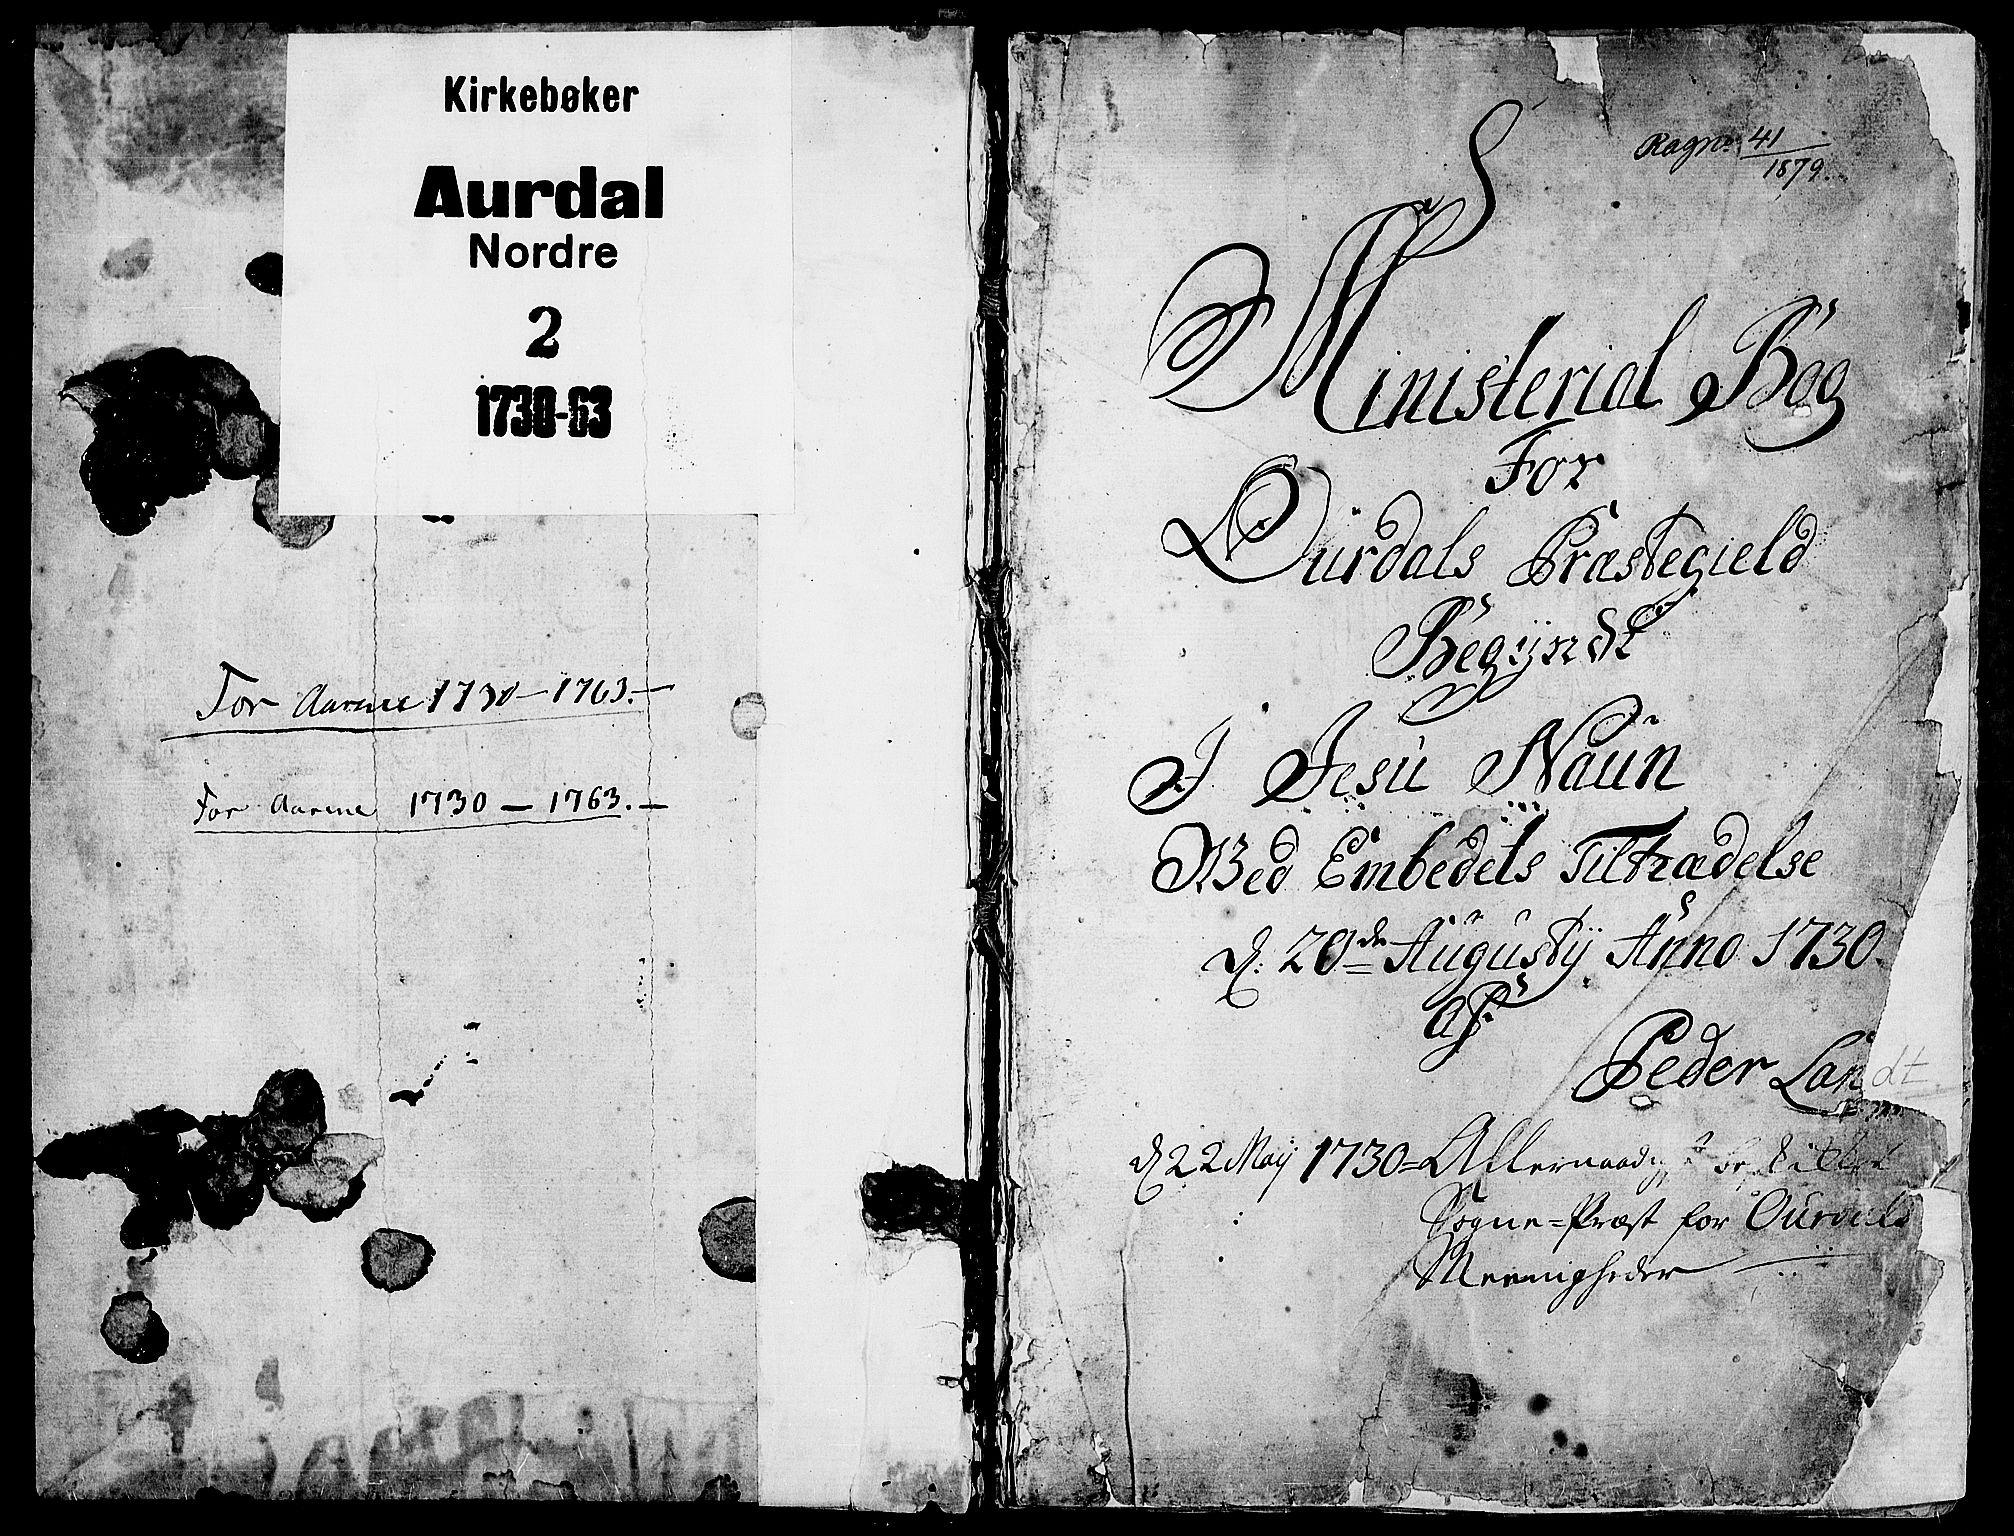 SAH, Aurdal prestekontor, Parish register (official) no. 4, 1730-1762